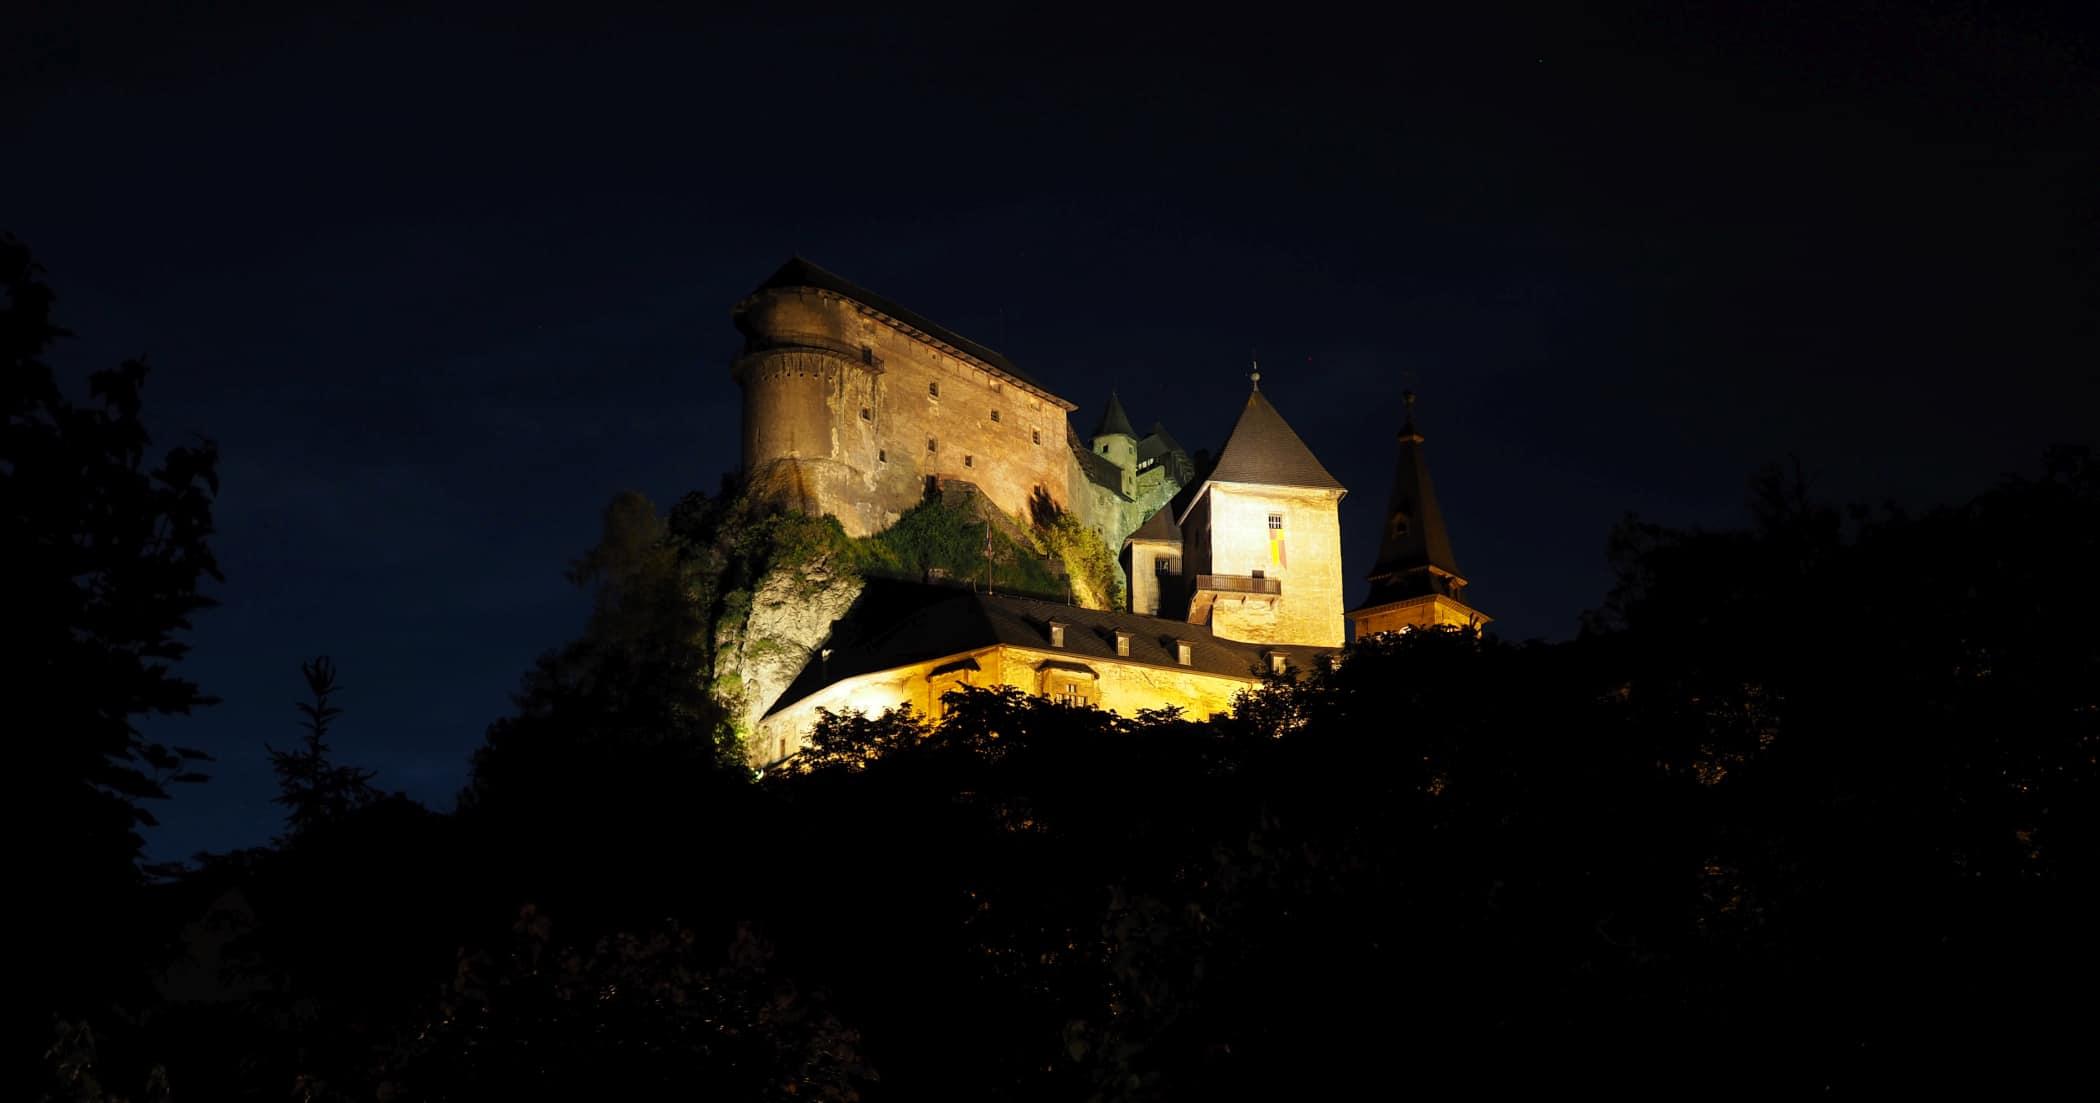 Zamek Orawski na Słowacji nocą